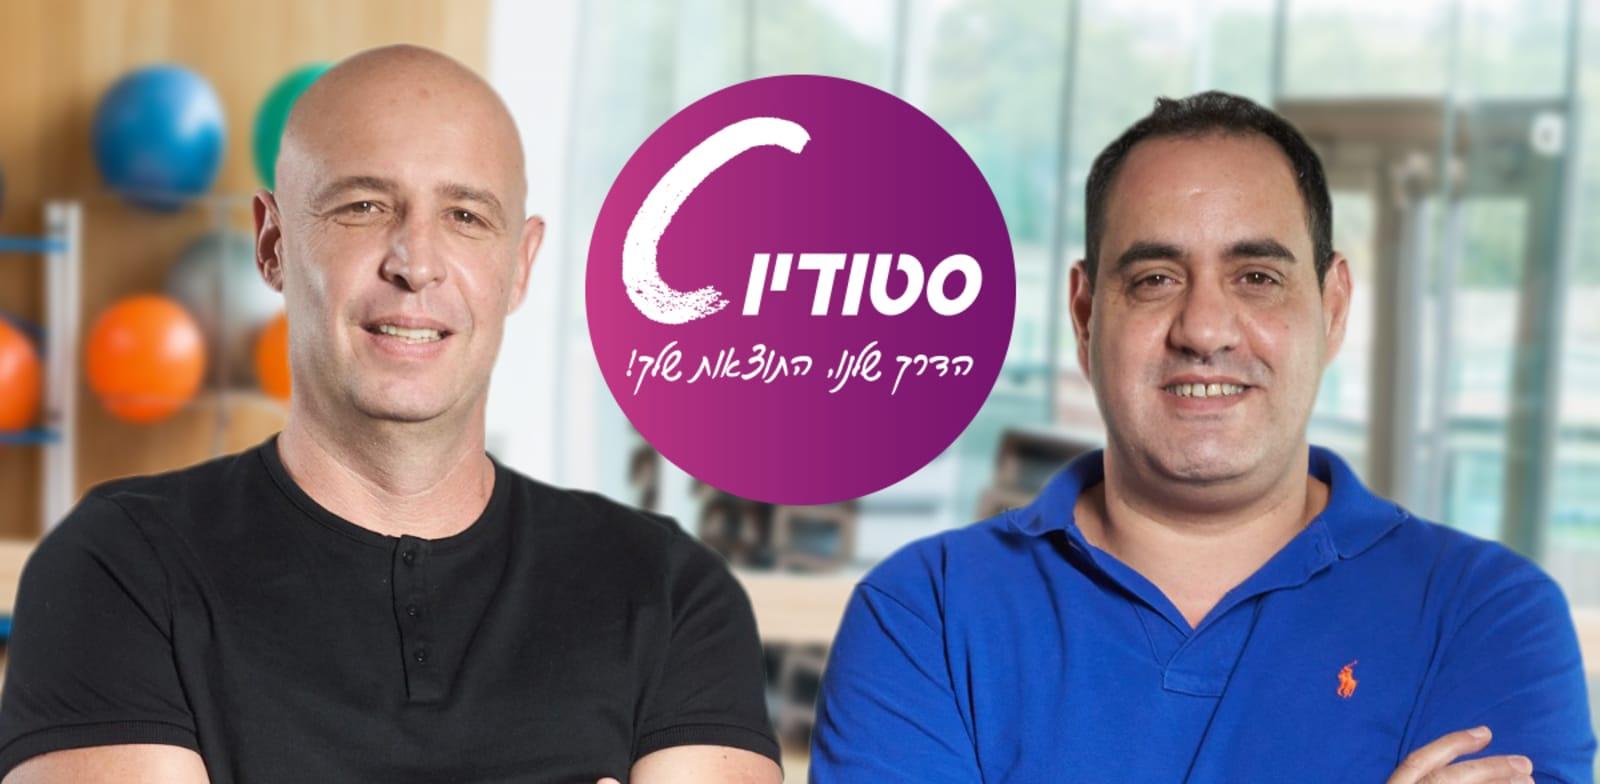 דורון כהן וניצן אריה, בעלי סטודיו סי / צילום: עומרי לוי